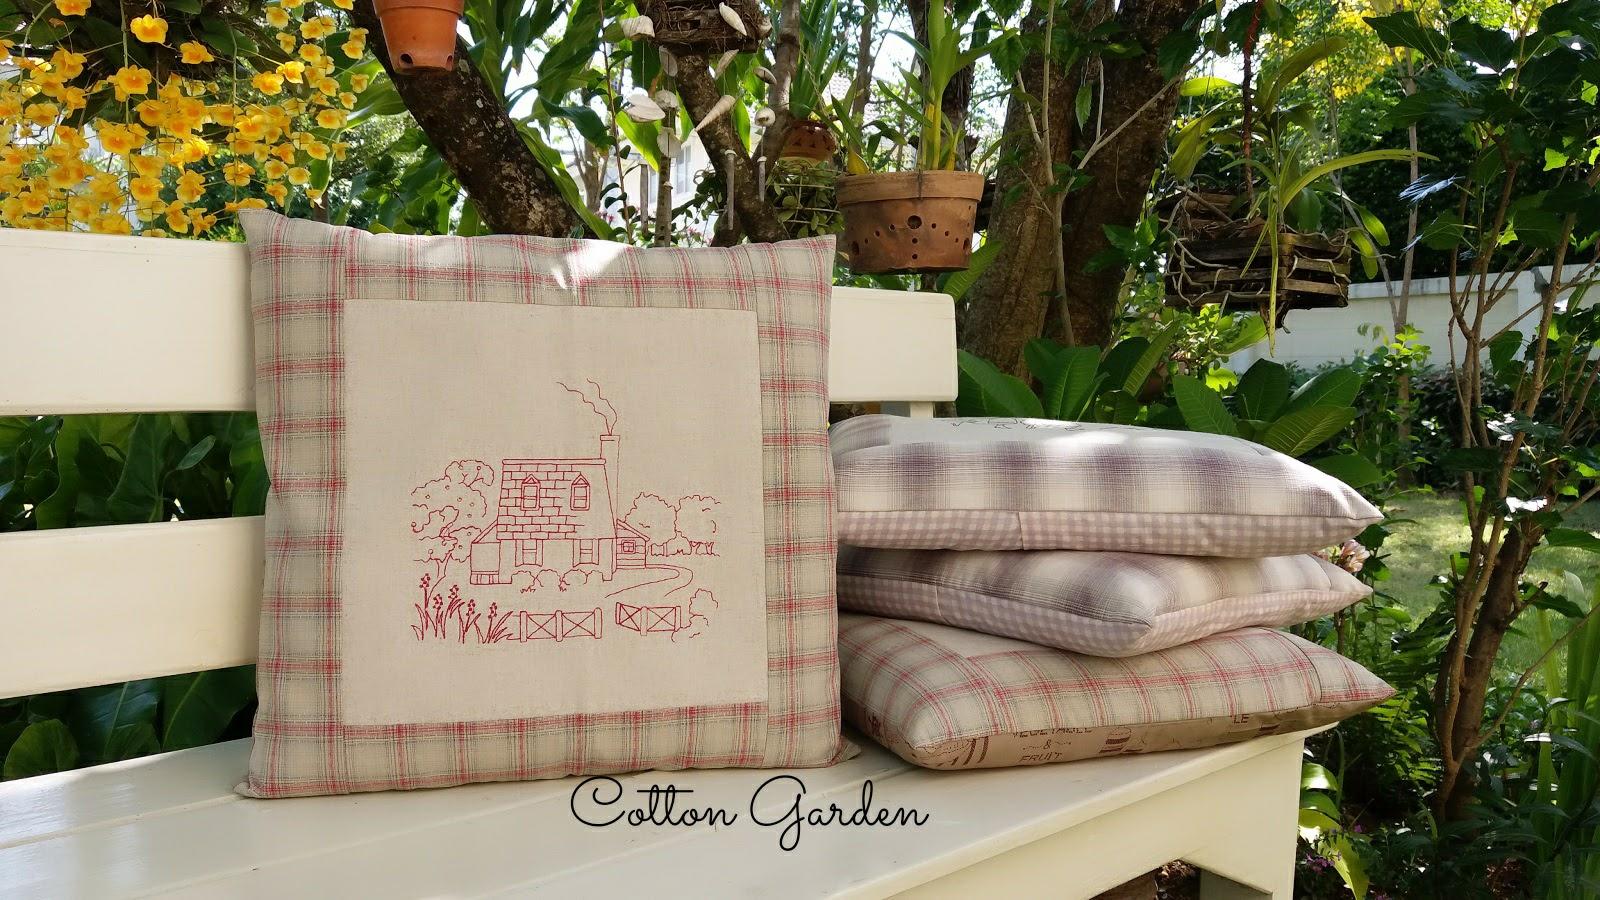 ปลอกหมอนอิงผ้าญี่ปุ่น Ann of Green Gabel ลายบ้าน ขนาด 16 x 16 นิ้ว ถอดซักได้ ขายพร้อมหมอนค่ะ